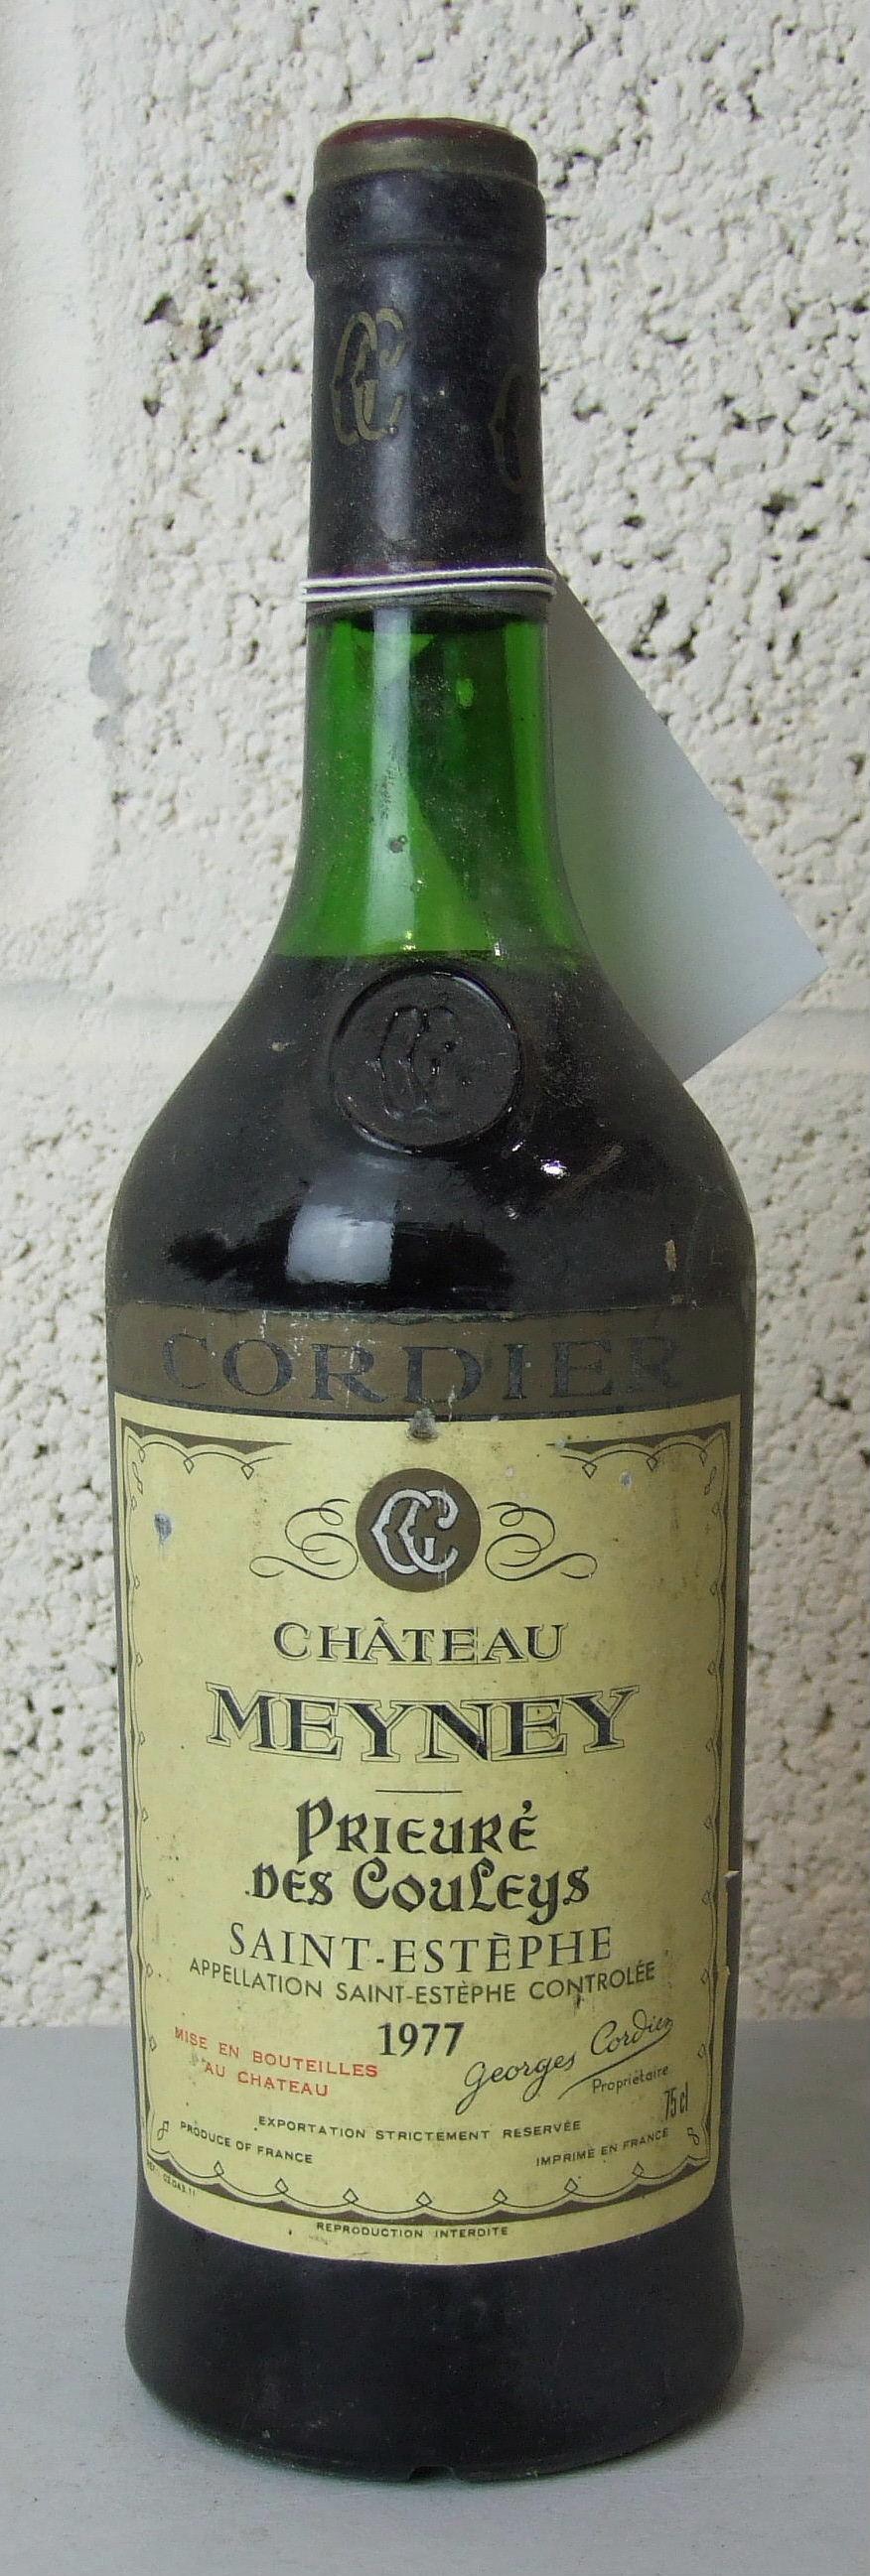 Lot 15 - France, Chateau Meyney Prieuré des Couleys, 1977, top shoulder, good label, one bottle, (1).